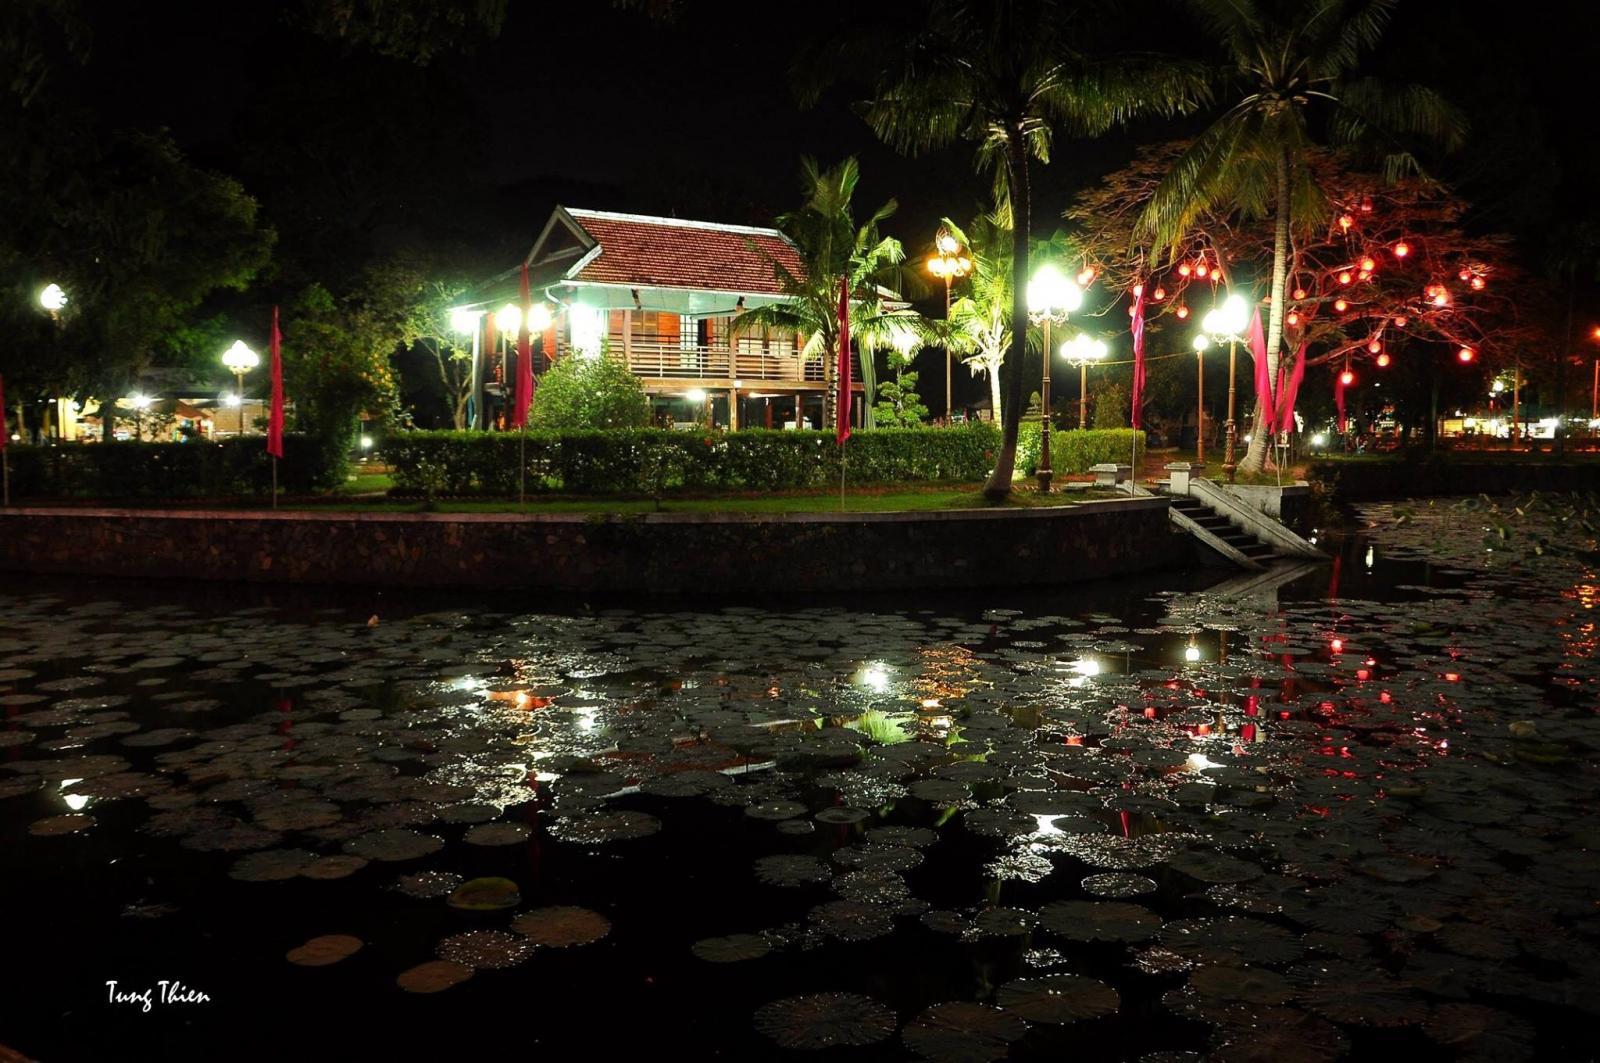 Mô hình nhà sàn Bác Hồ trong Khu Di tích Nguyễn Sinh Sắc